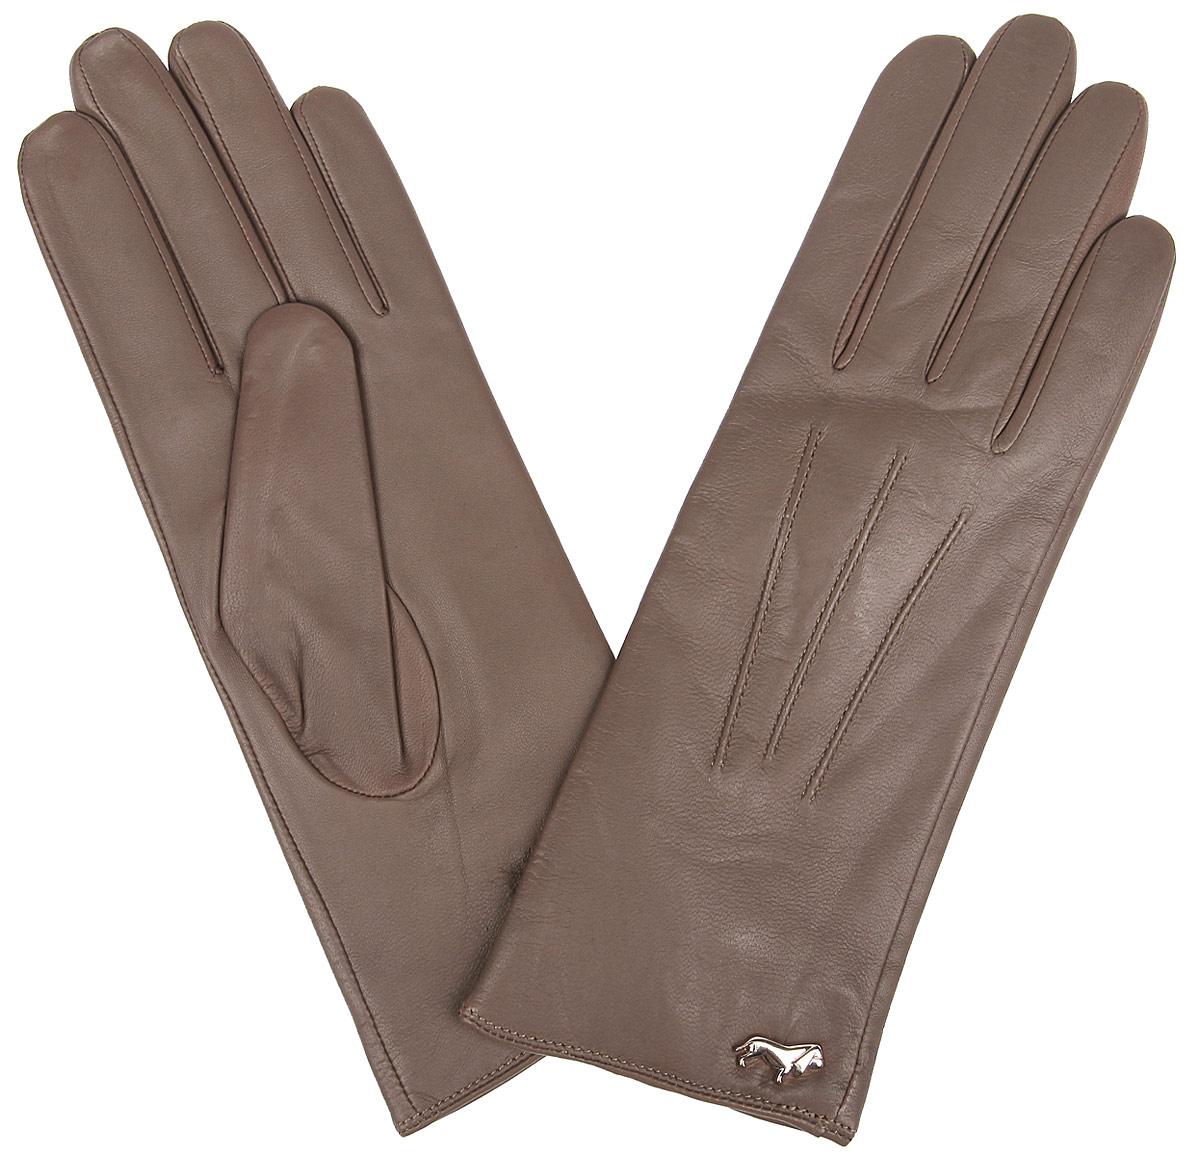 Перчатки женские Labbra, цвет: серо-коричневый. LB-4607. Размер 7LB-4607Стильные женские перчатки Labbra не только защитят ваши руки от холода, но и станут великолепным украшением. Перчатки выполнены из из натуральной кожи ягненка с подкладкой из шерсти и акрила. Модель оформлена машинной строчкой три луча и фирменным декоративным элементом в виде собачки. В настоящее время перчатки являются неотъемлемой частью одежды, вместе с этим аксессуаром вы обретаете женственность и элегантность. Перчатки станут завершающим и подчеркивающим элементом вашего стиля и неповторимости.